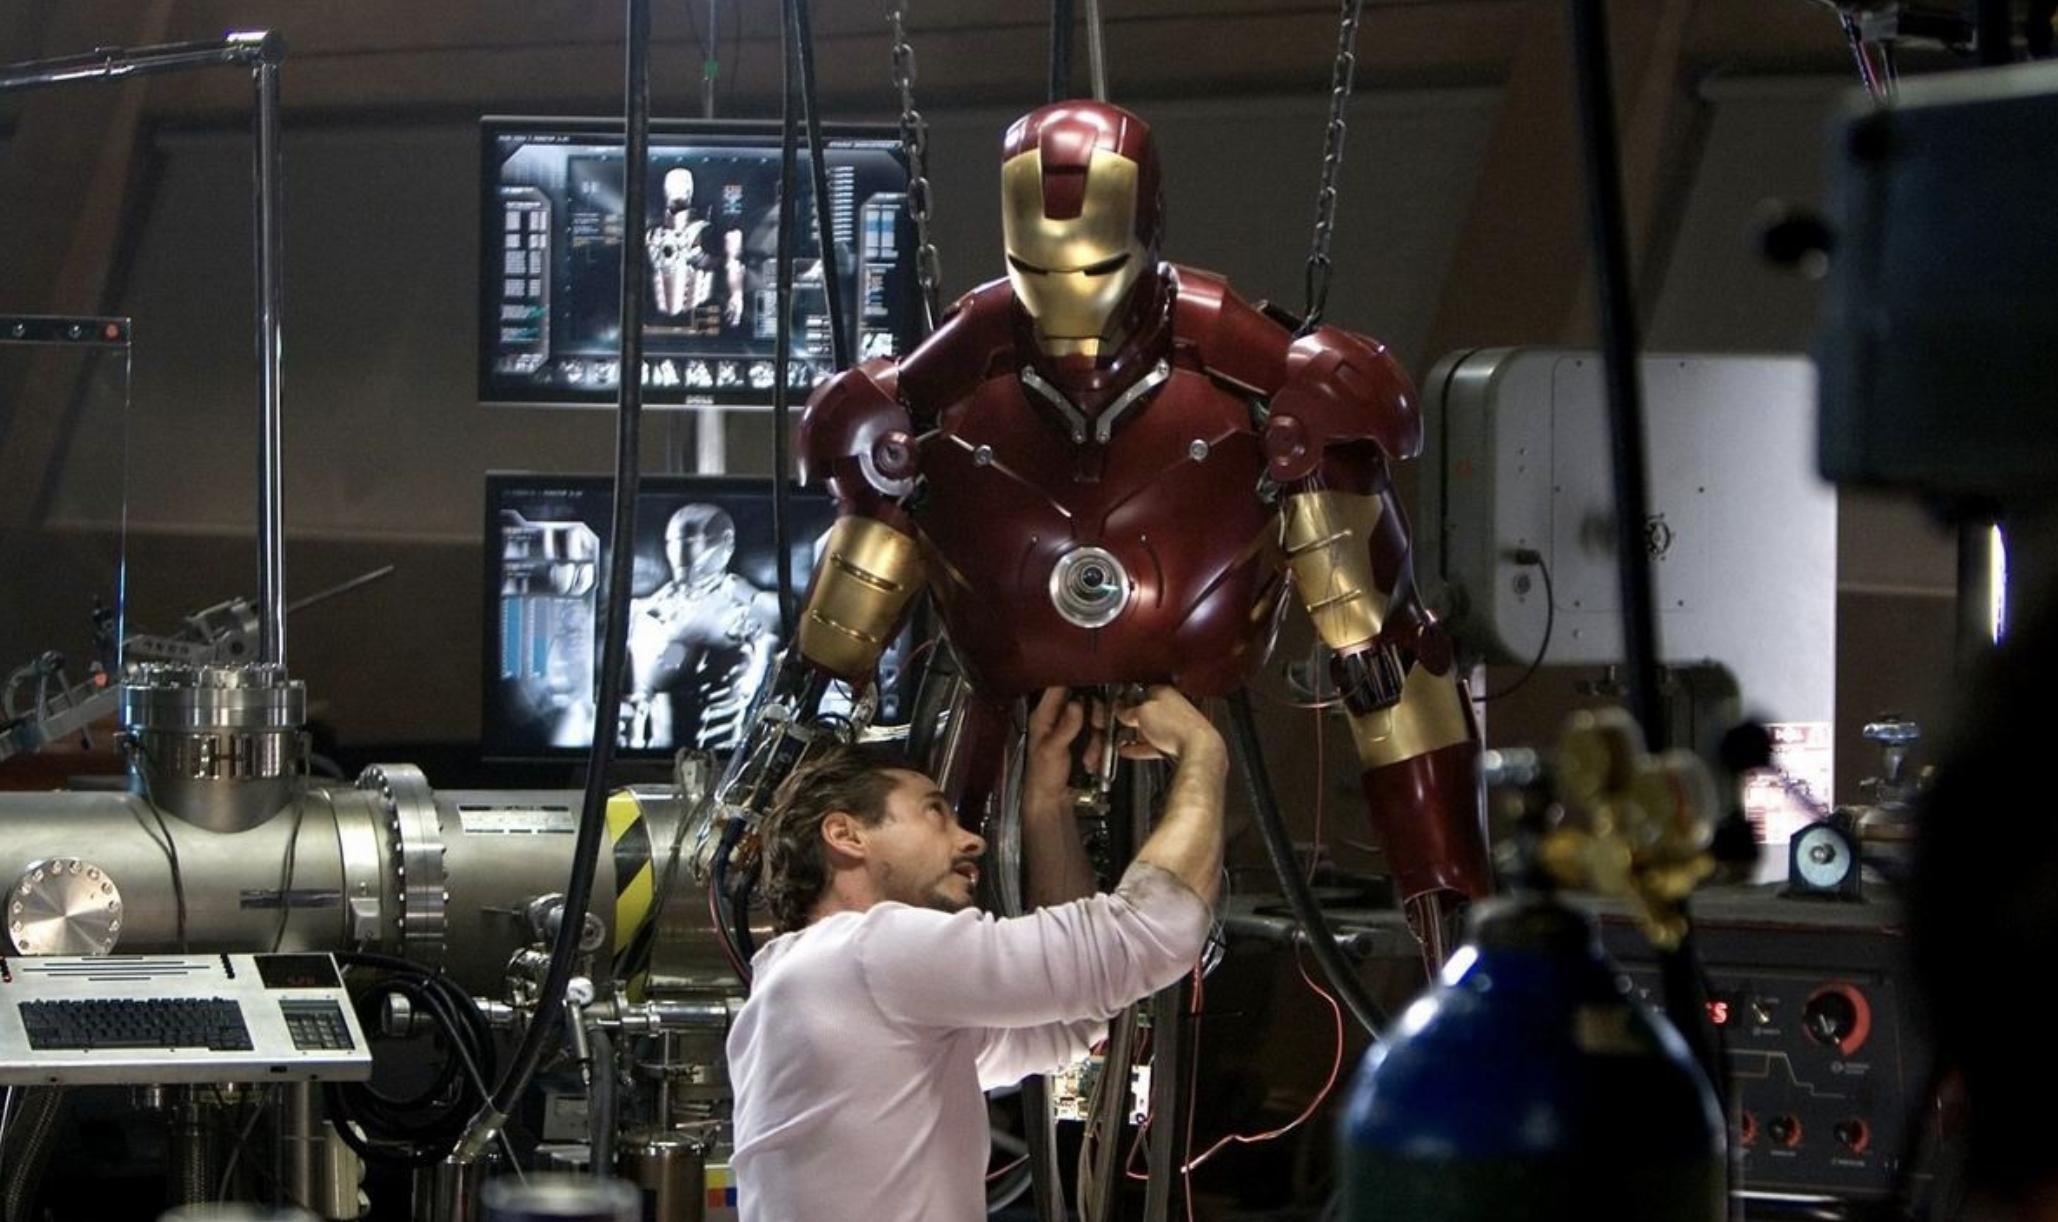 Iron Man | Da Tony Stark a Robert Downey Jr: la musica, le foto e il futuro